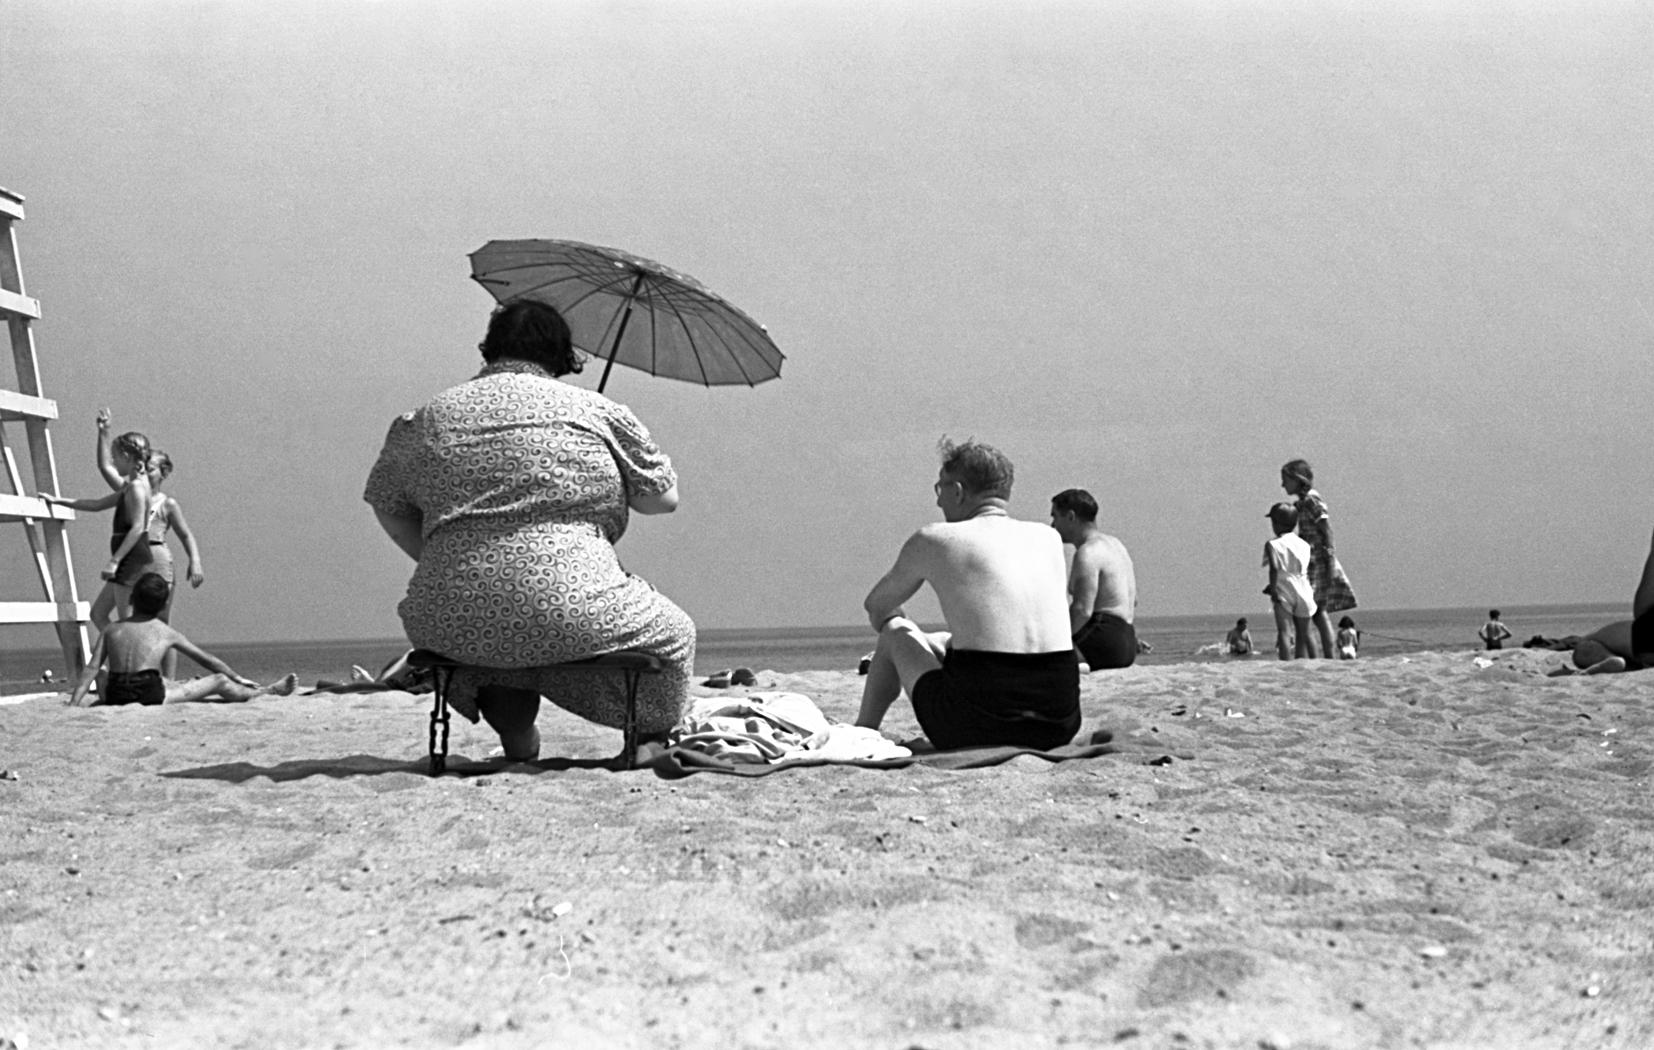 foto: © Kunstcollectie Akademie der Künste, BerlijnFat Lady (Dikke dame, Lake Michigan, Verenigde Staten), 1938